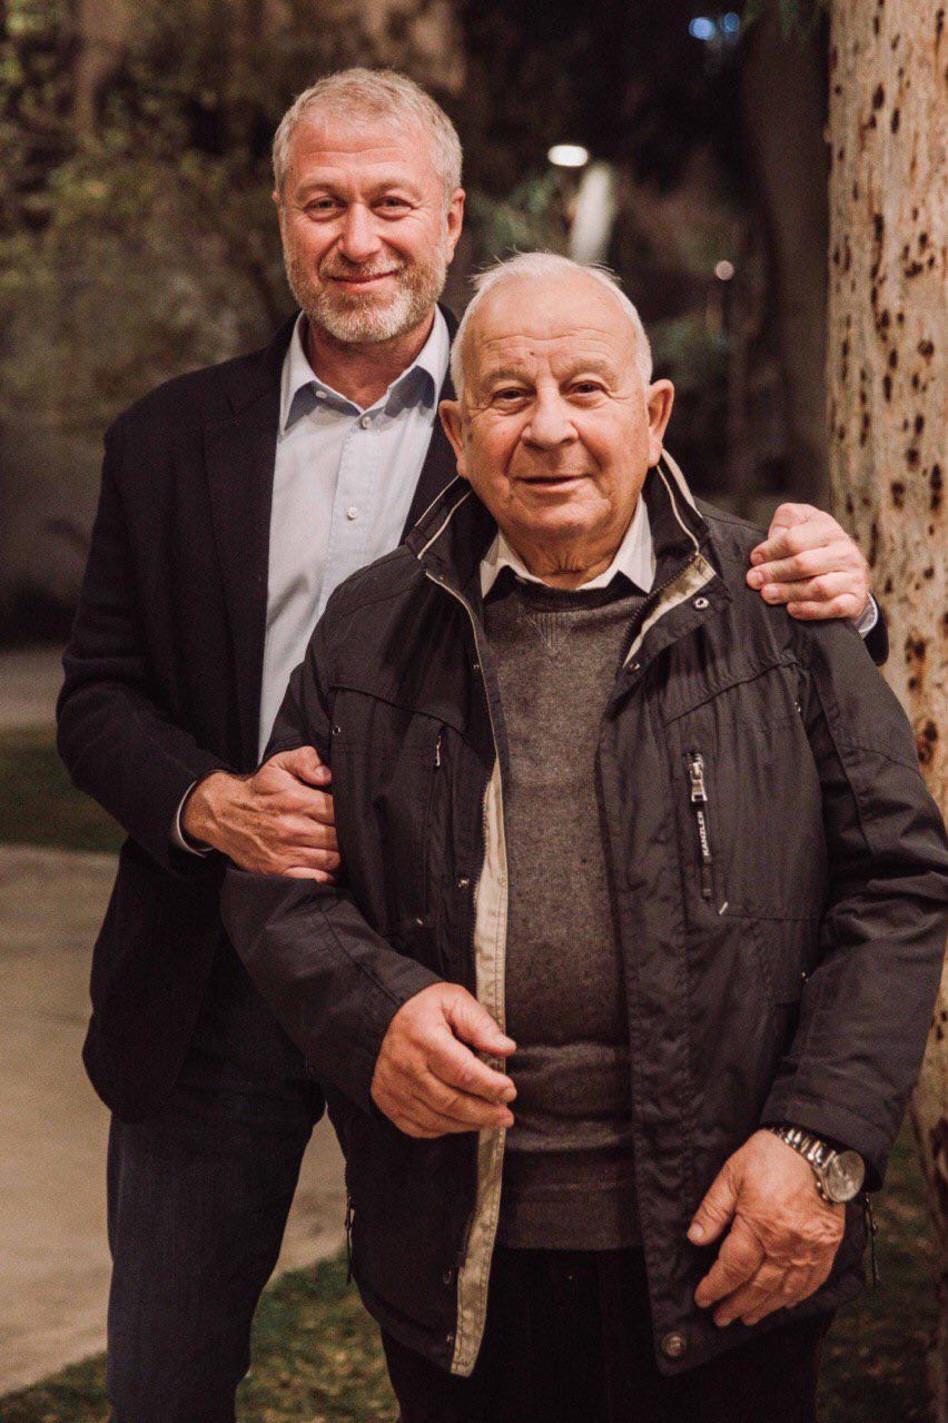 רומן אברמוביץ' עם דודו לייב (צילום: מריהטרויאנקר )